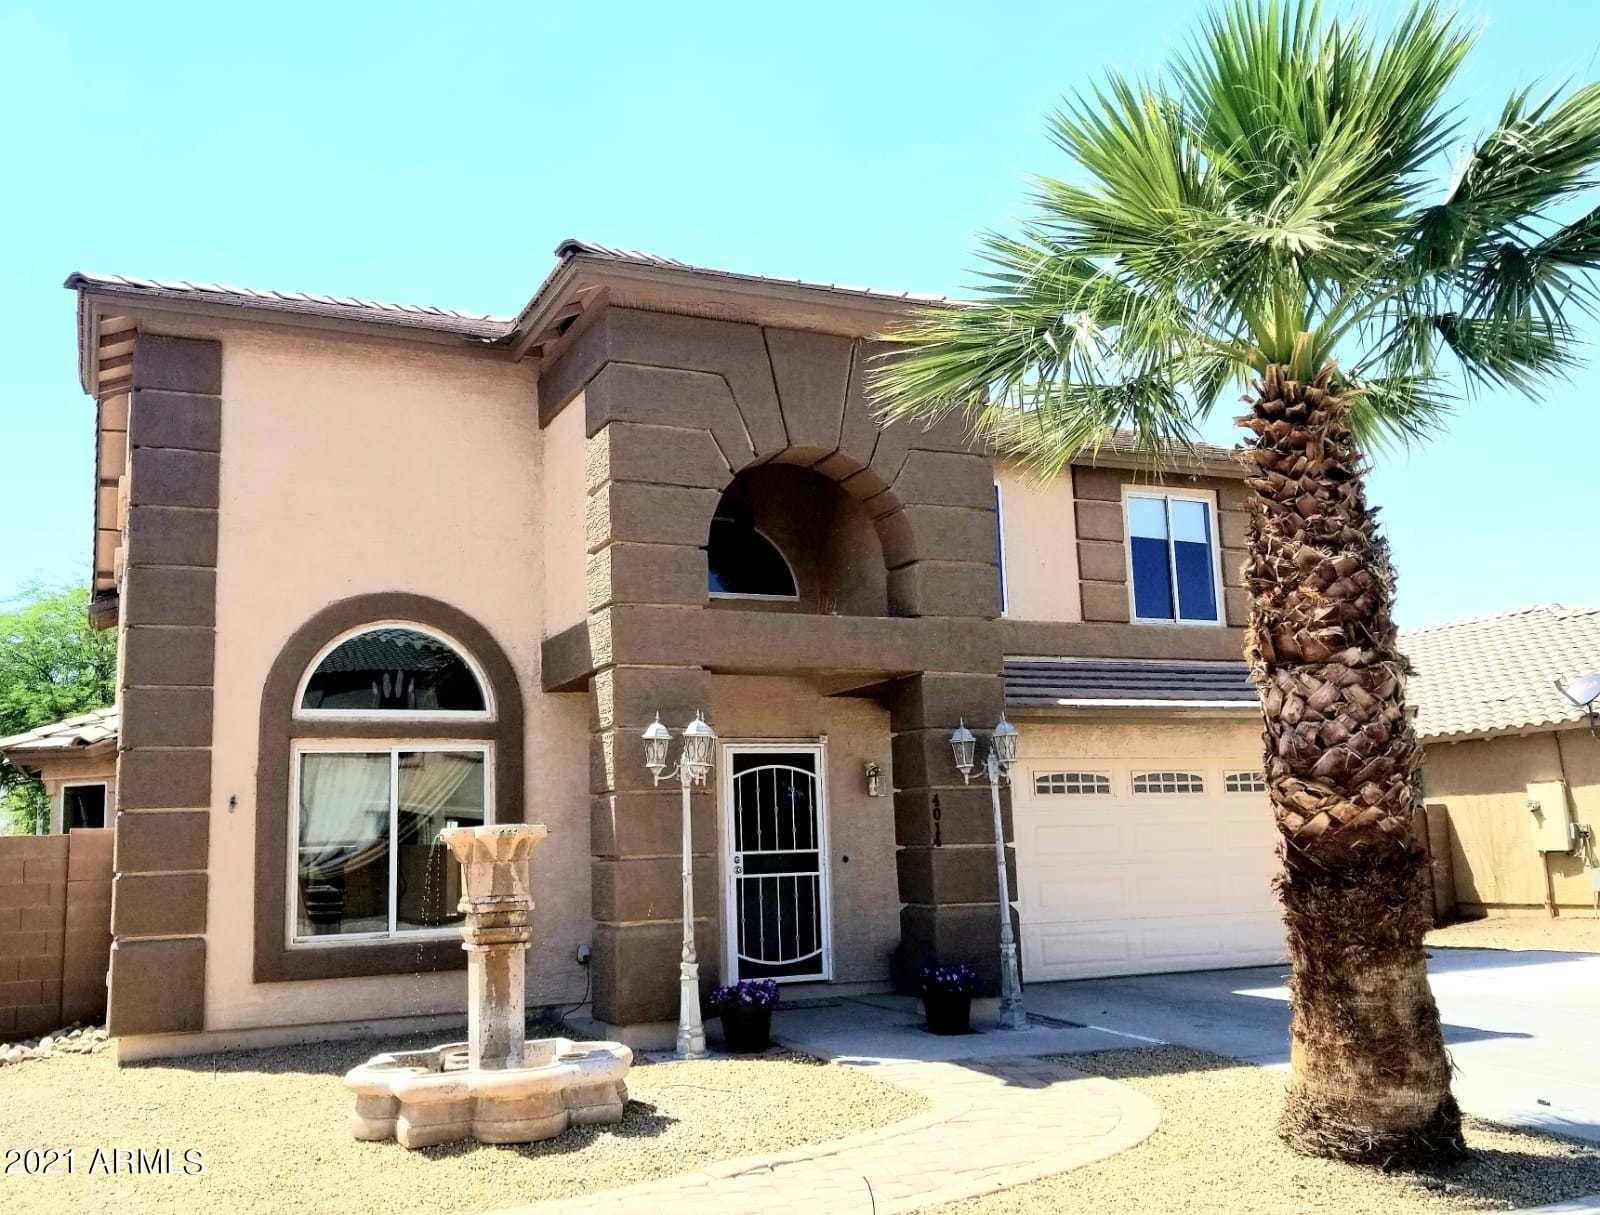 4014 S 74TH Lane, Phoenix, AZ 85043 - MLS#: 6225429